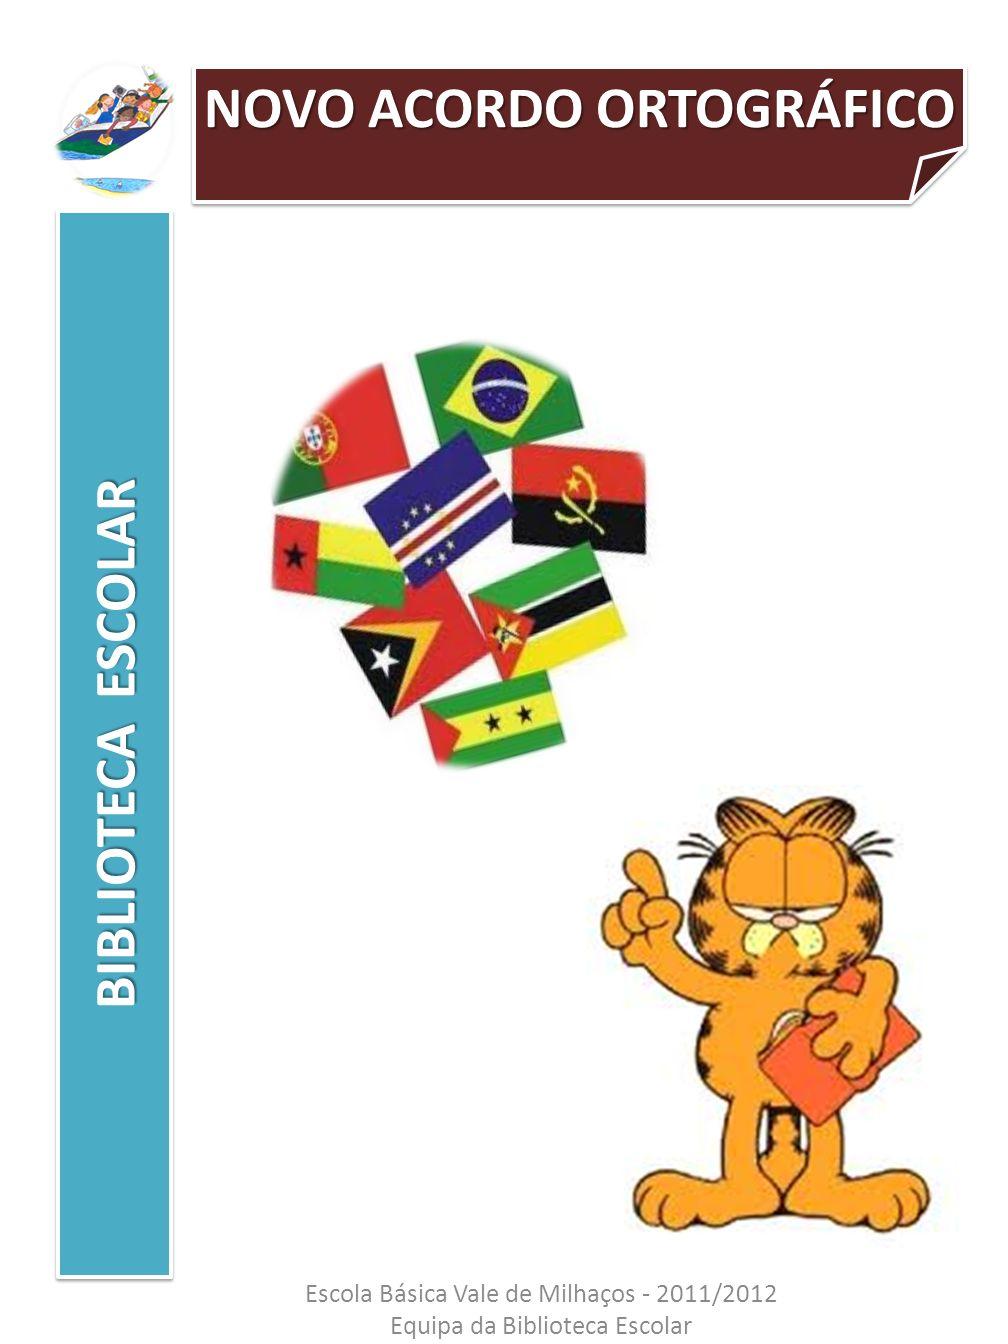 NOVO ACORDO ORTOGRÁFICO BIBLIOTECA ESCOLAR Escola Básica Vale de Milhaços - 2011/2012 Equipa da Biblioteca Escolar